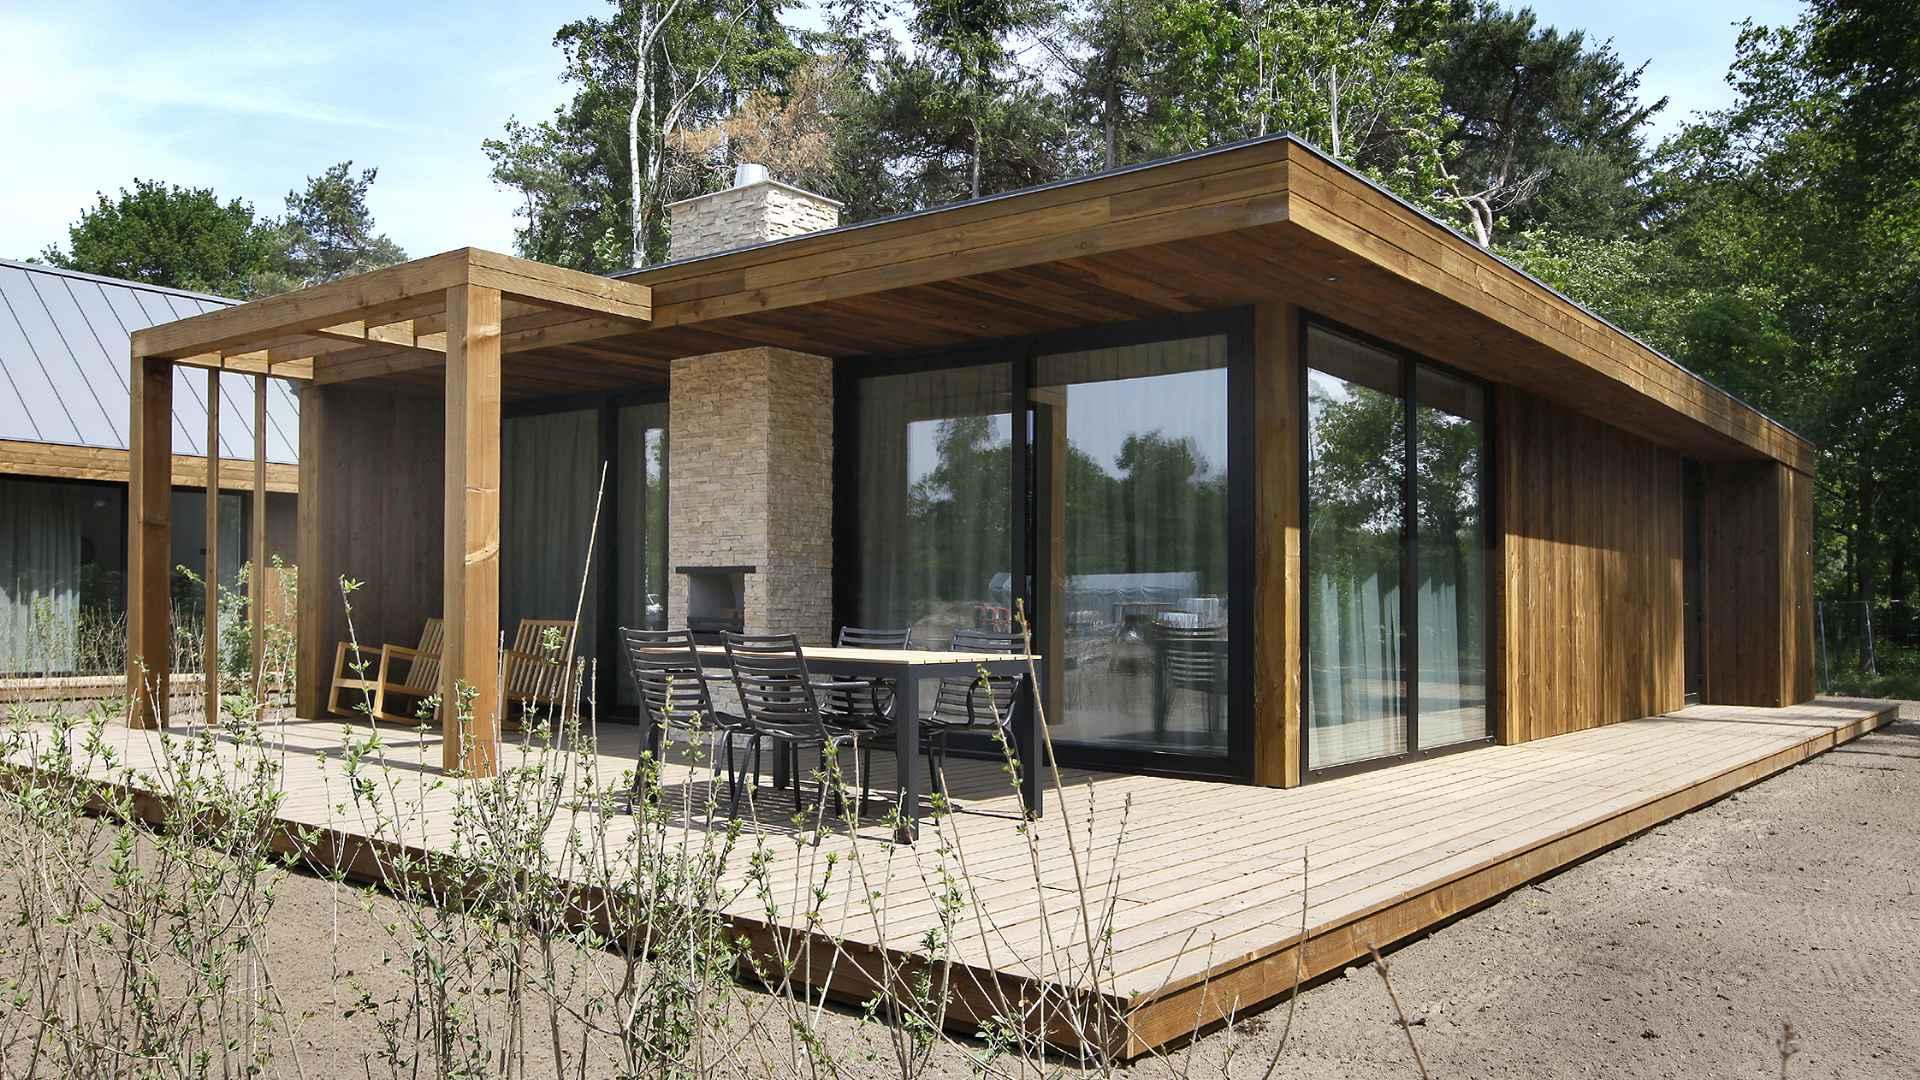 Bergvliet Villas, Oosterhout,North Brabant,Netherlands